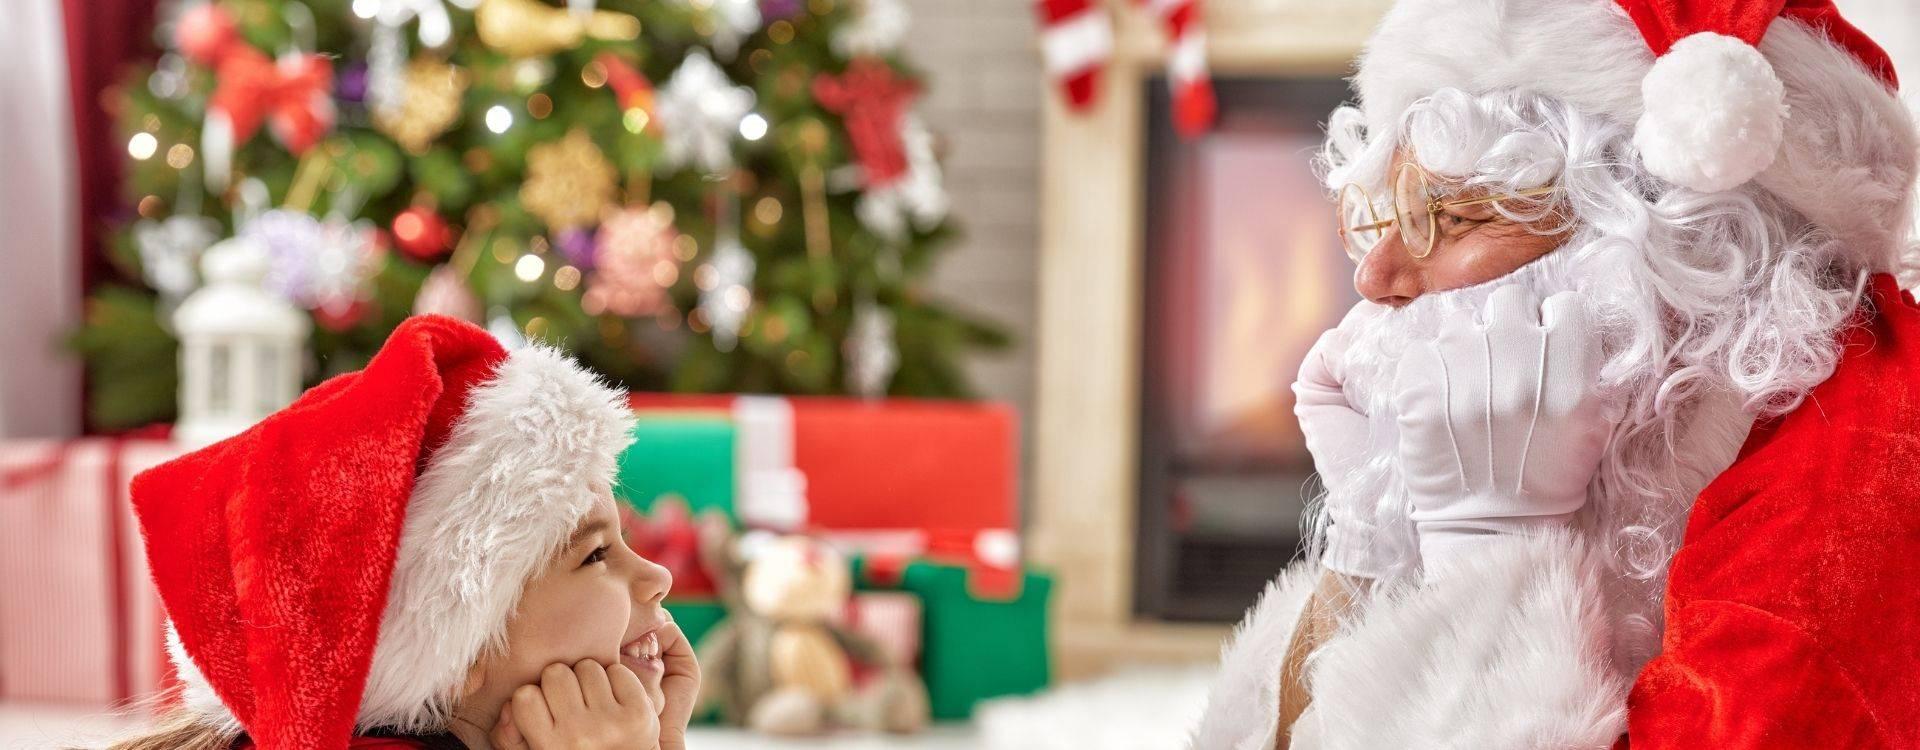 Что подарить на Рождество 2020?